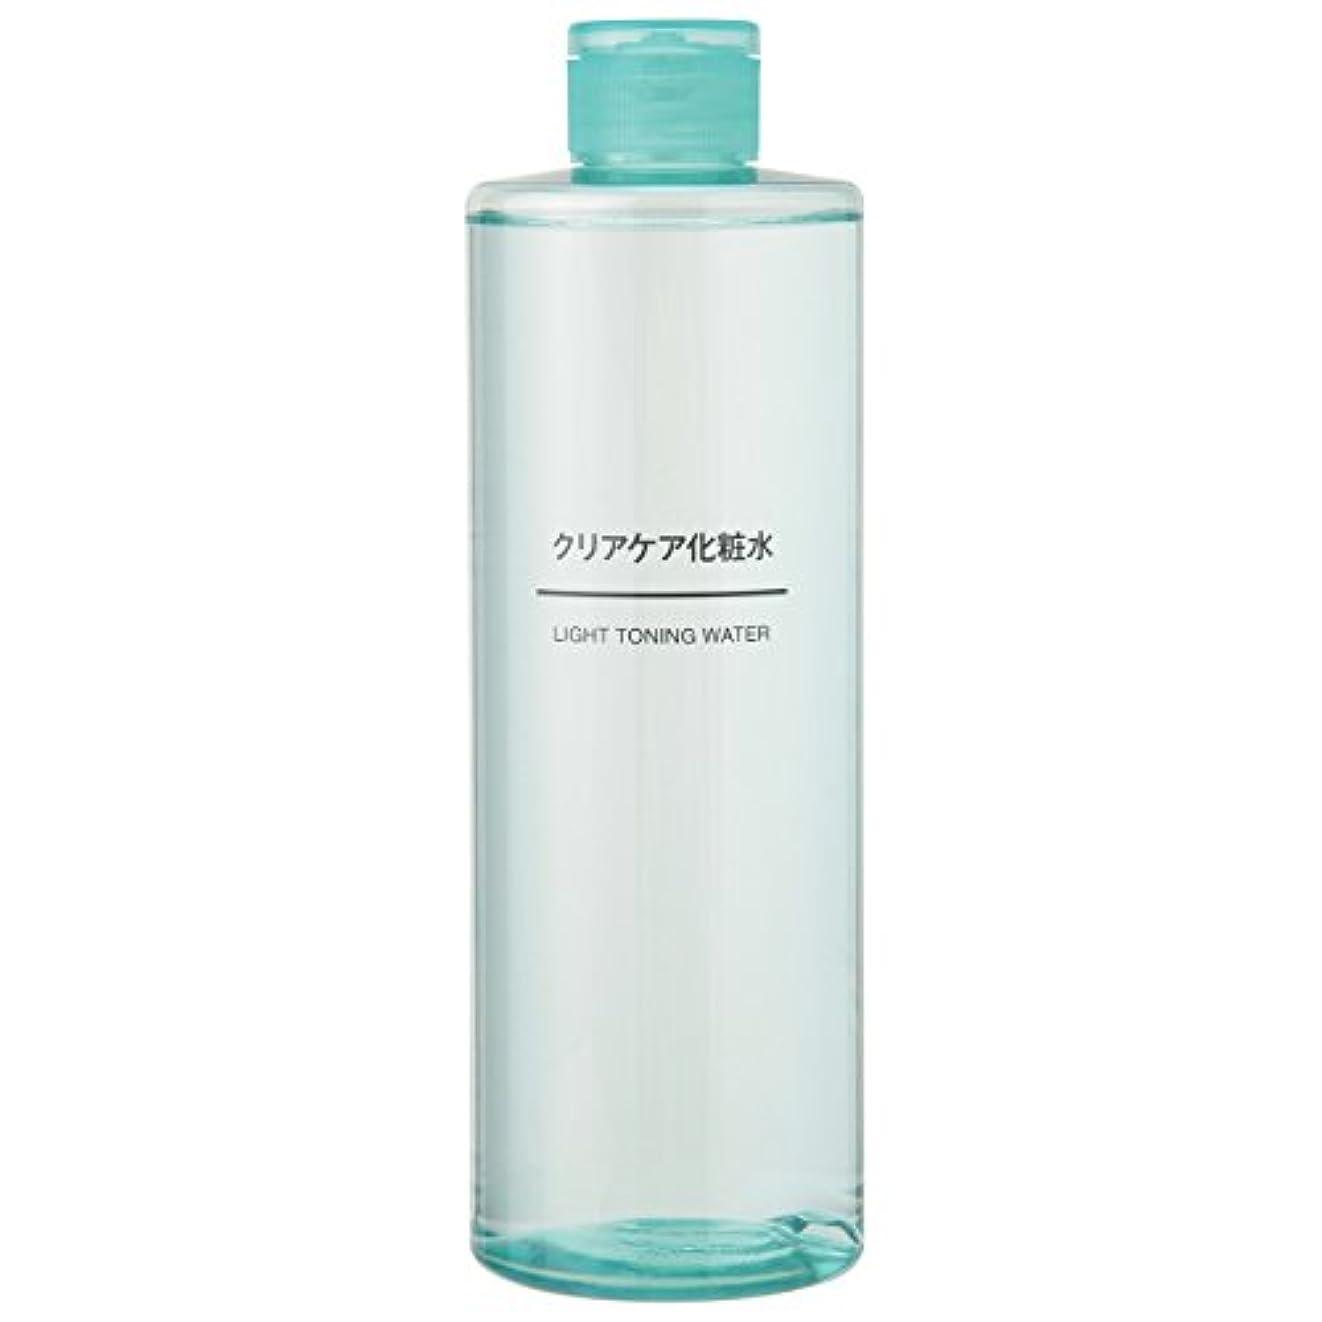 メロディー予測子バウンド無印良品 クリアケア化粧水(大容量) 400ml